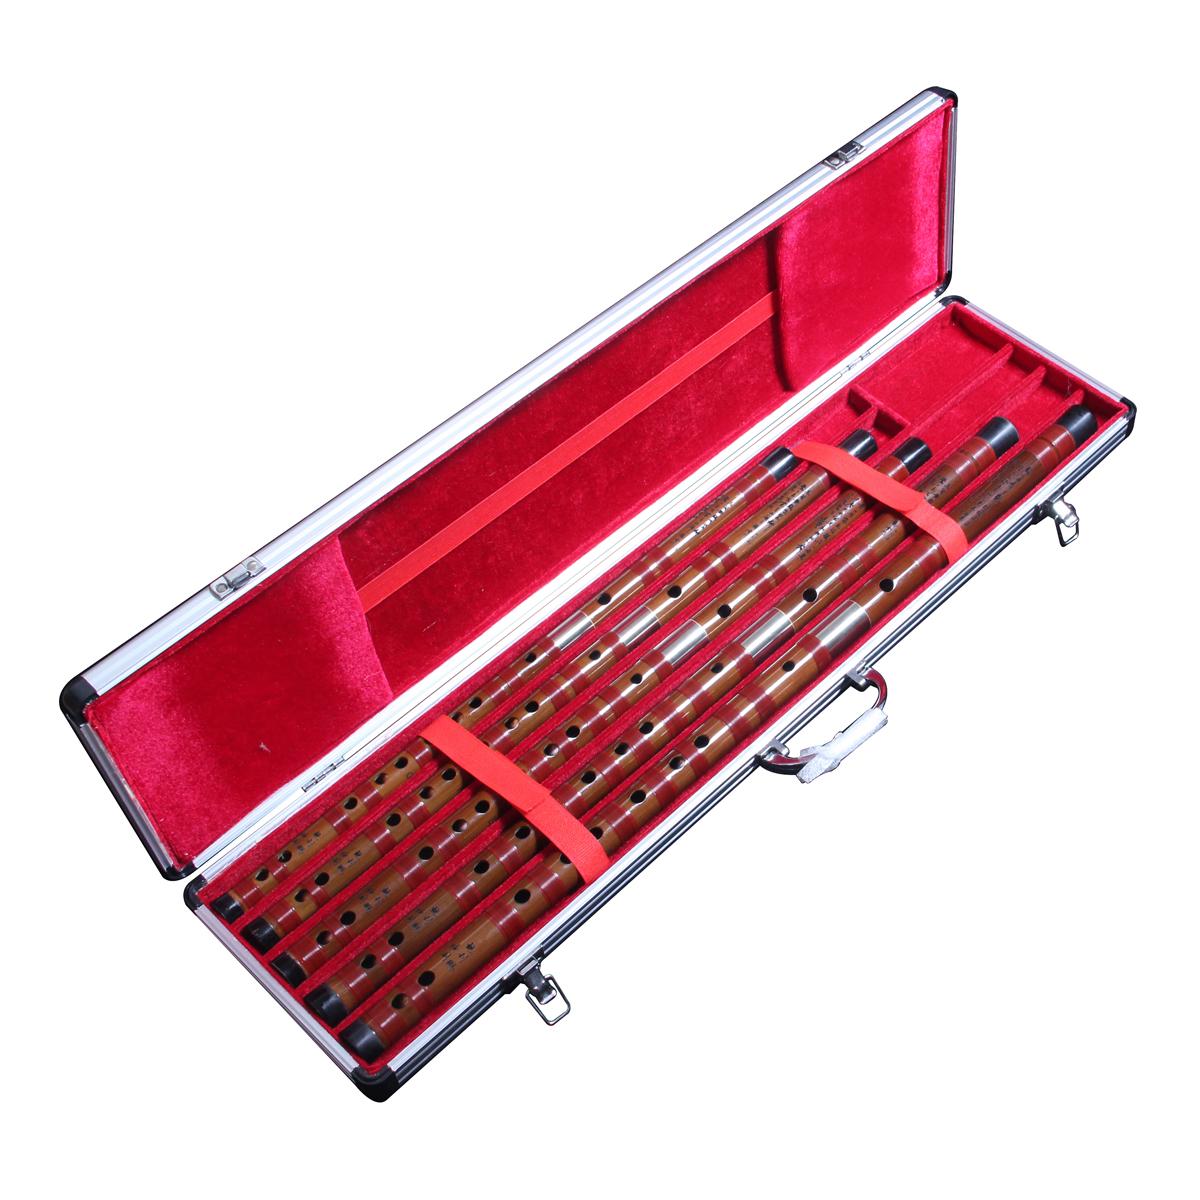 只七支正品高档 6 支 5 专业套笛配铝合金笛盒 CDEFGA 特制苦竹笛子一套